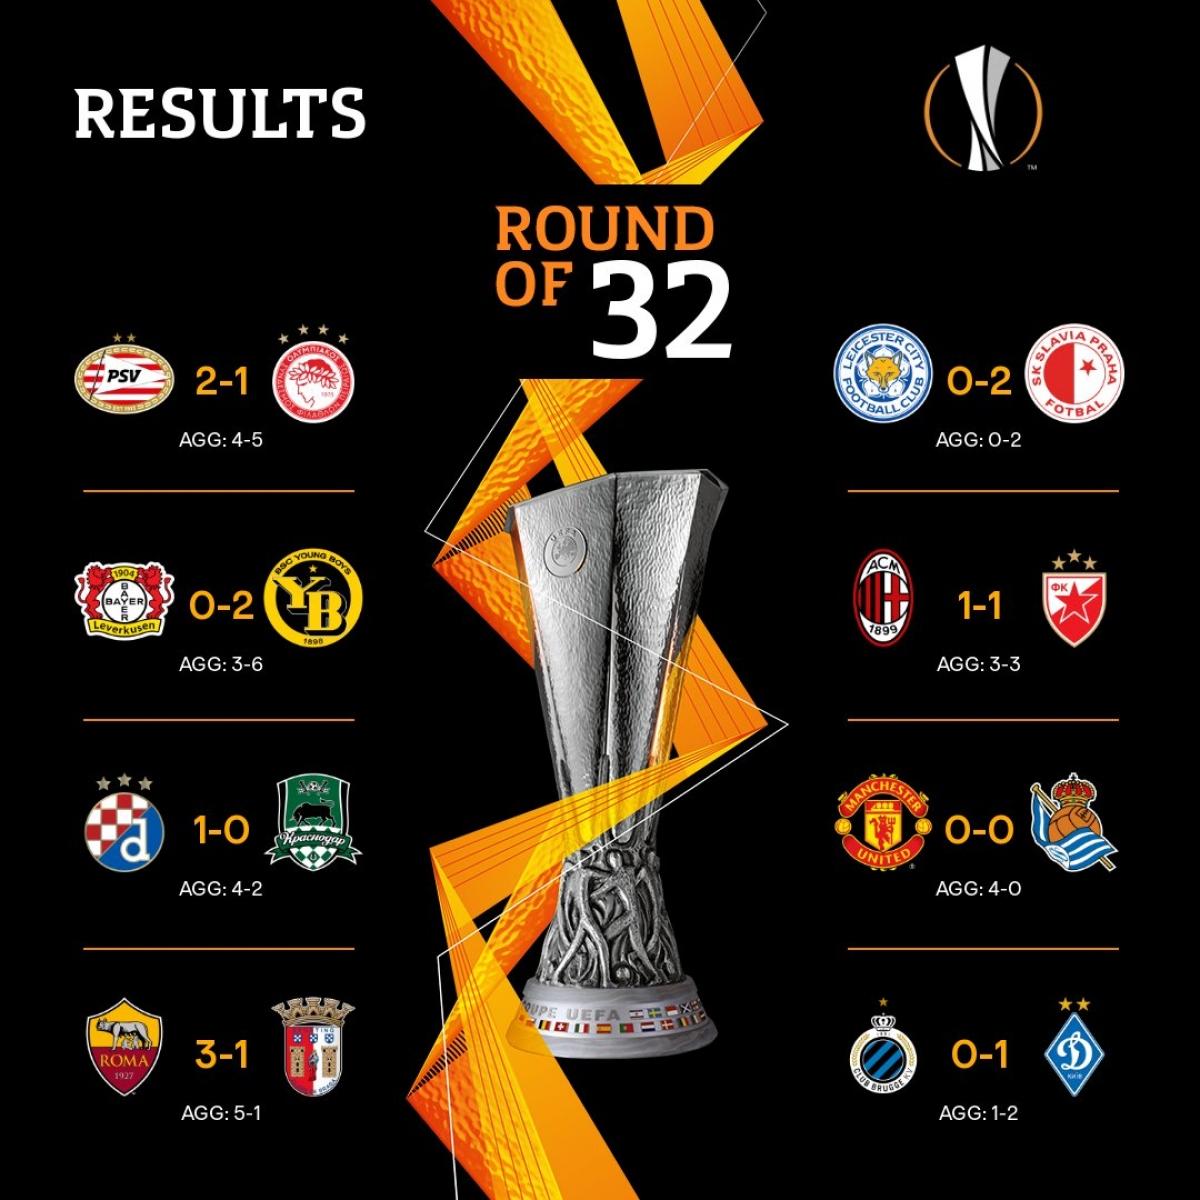 Kết quả loạt trận lượt về vòng 32 đội Europa League diễn ra lúc 03h00 ngày 26/2 theo giờ Việt Nam. (Ảnh: UEFA)